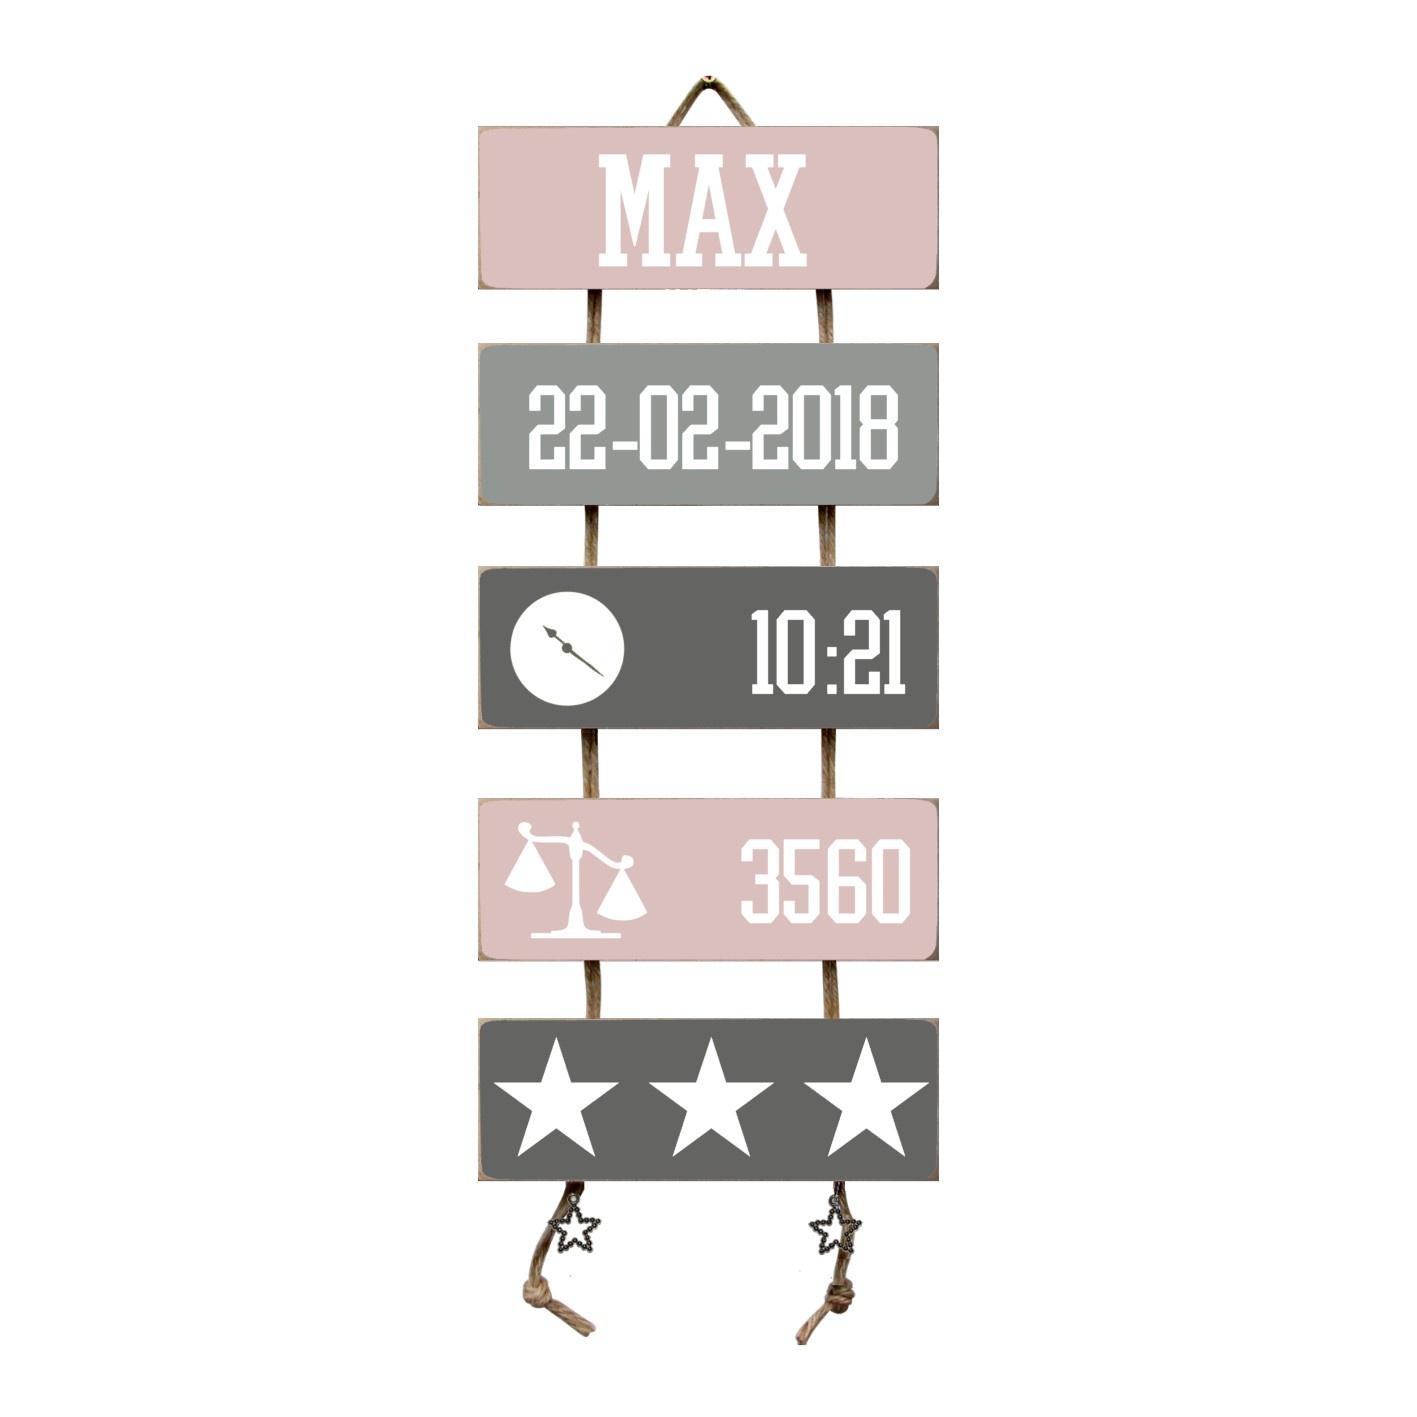 Kraamcadeau Geboorteladder Max lichtroze/grijs